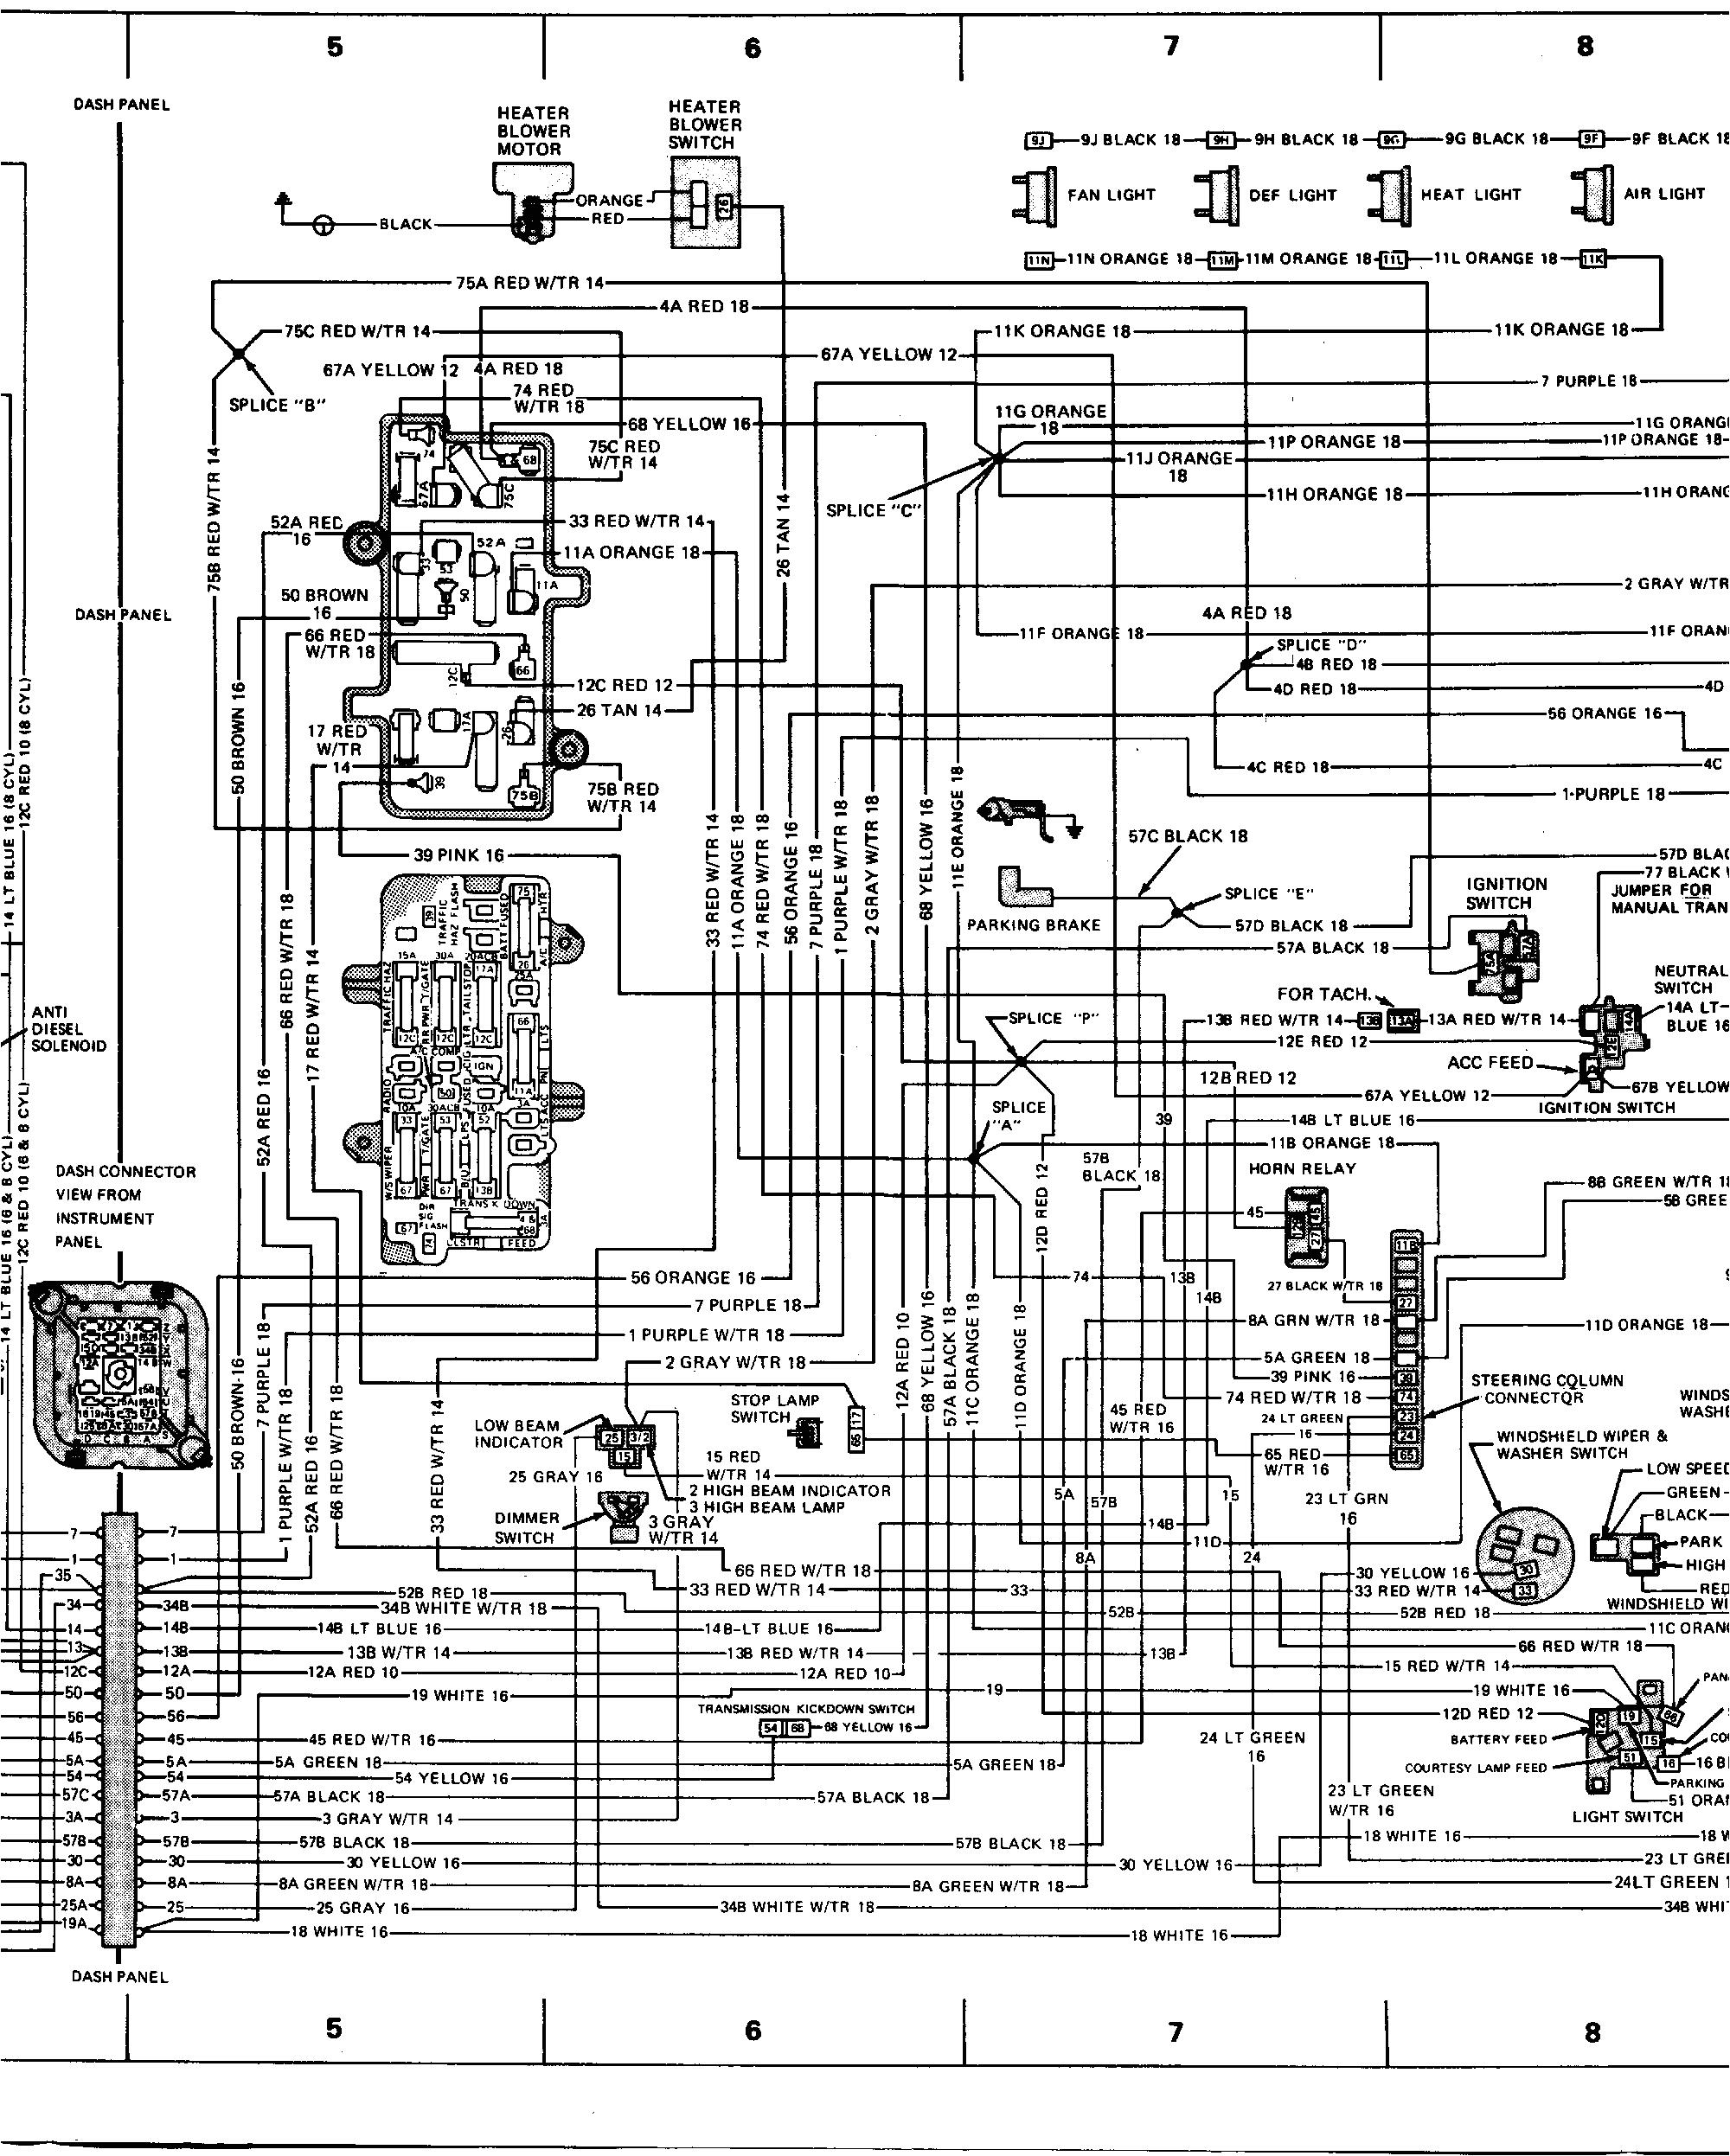 65 jeep cj5 ignition switch wiring wiring diagram guide for dummies 75 jeep cj5 ignition switch wiring diagram